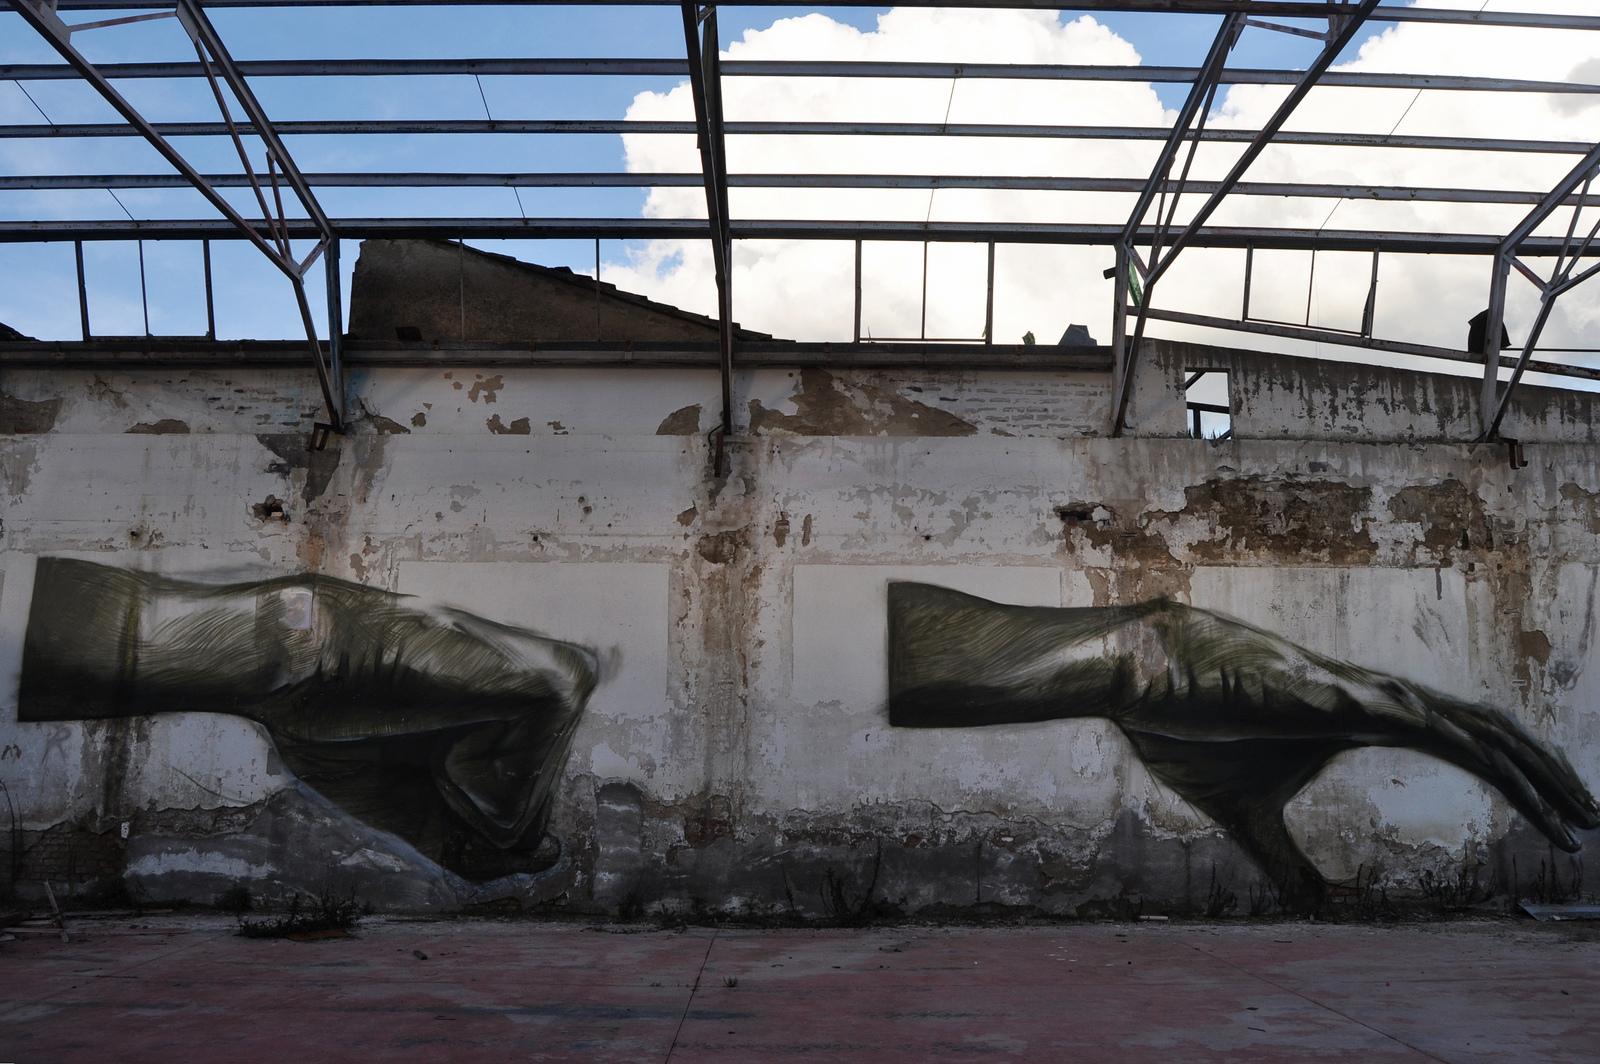 mesa-mural-in-passignano-sul-trasimeno-01